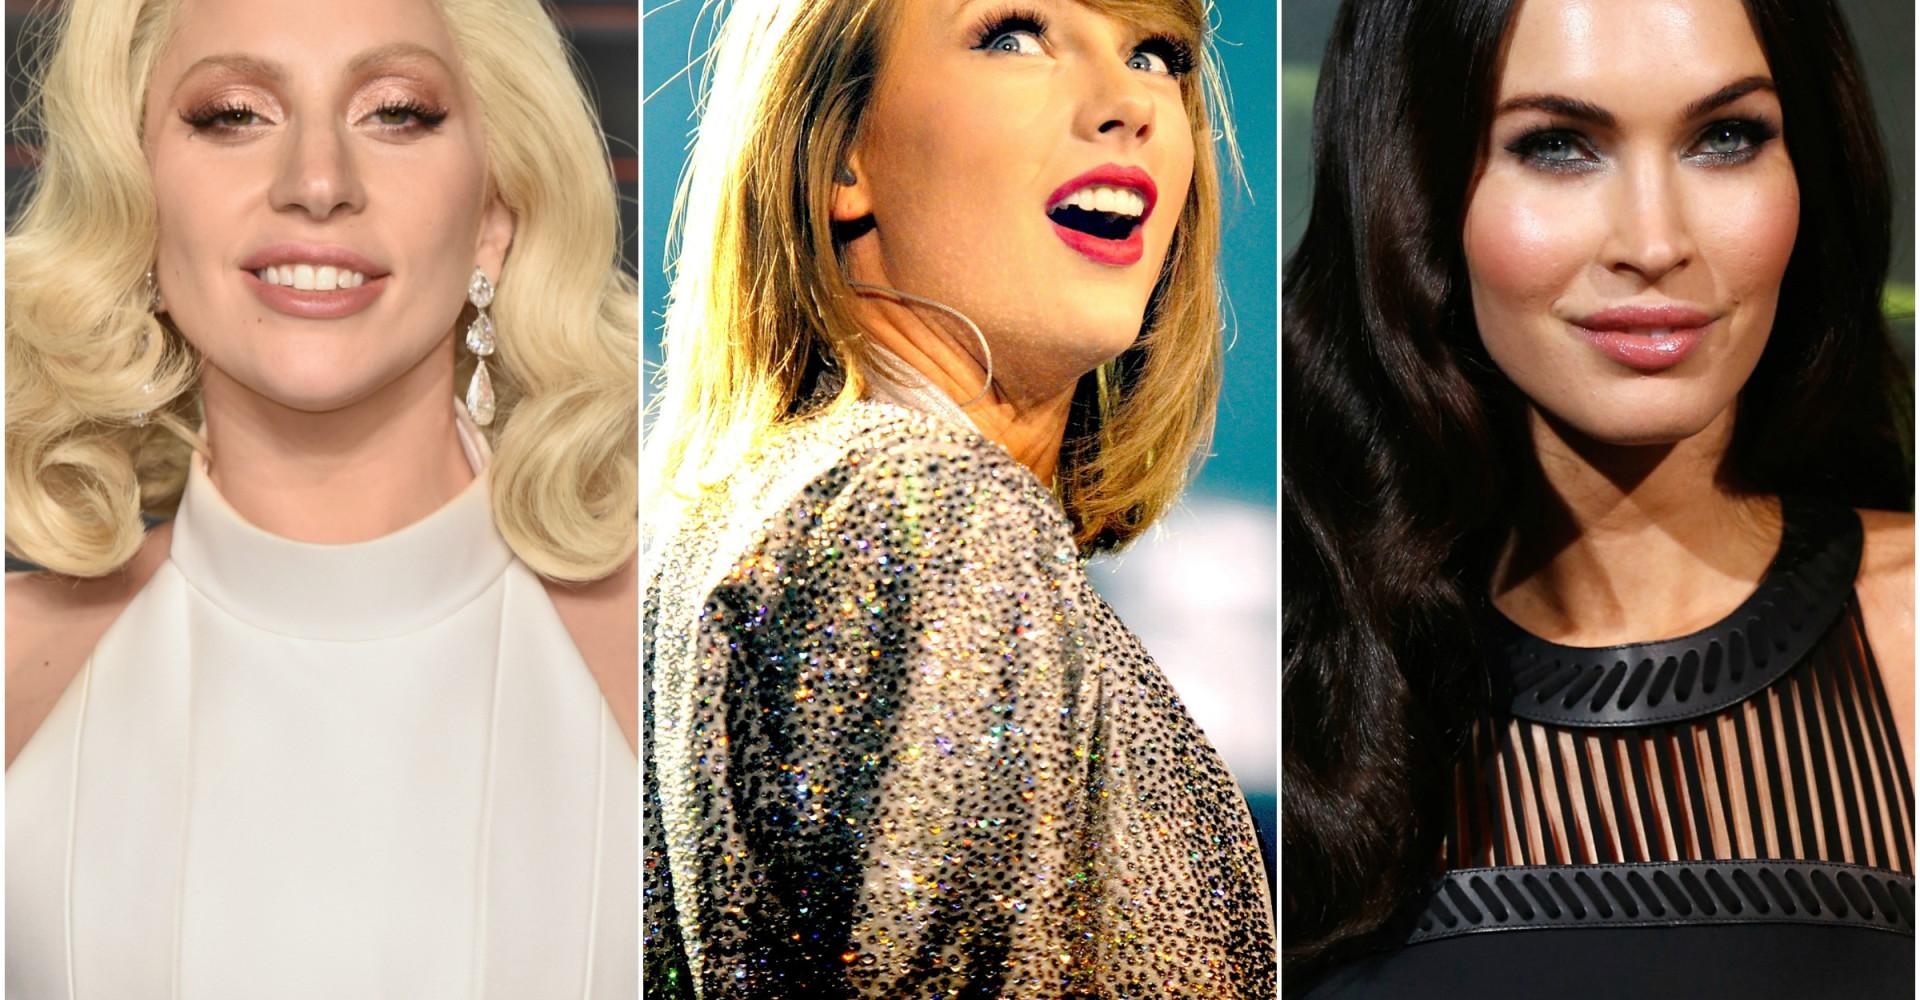 Sexta-feira 13: As superstições bizarras dos famosos